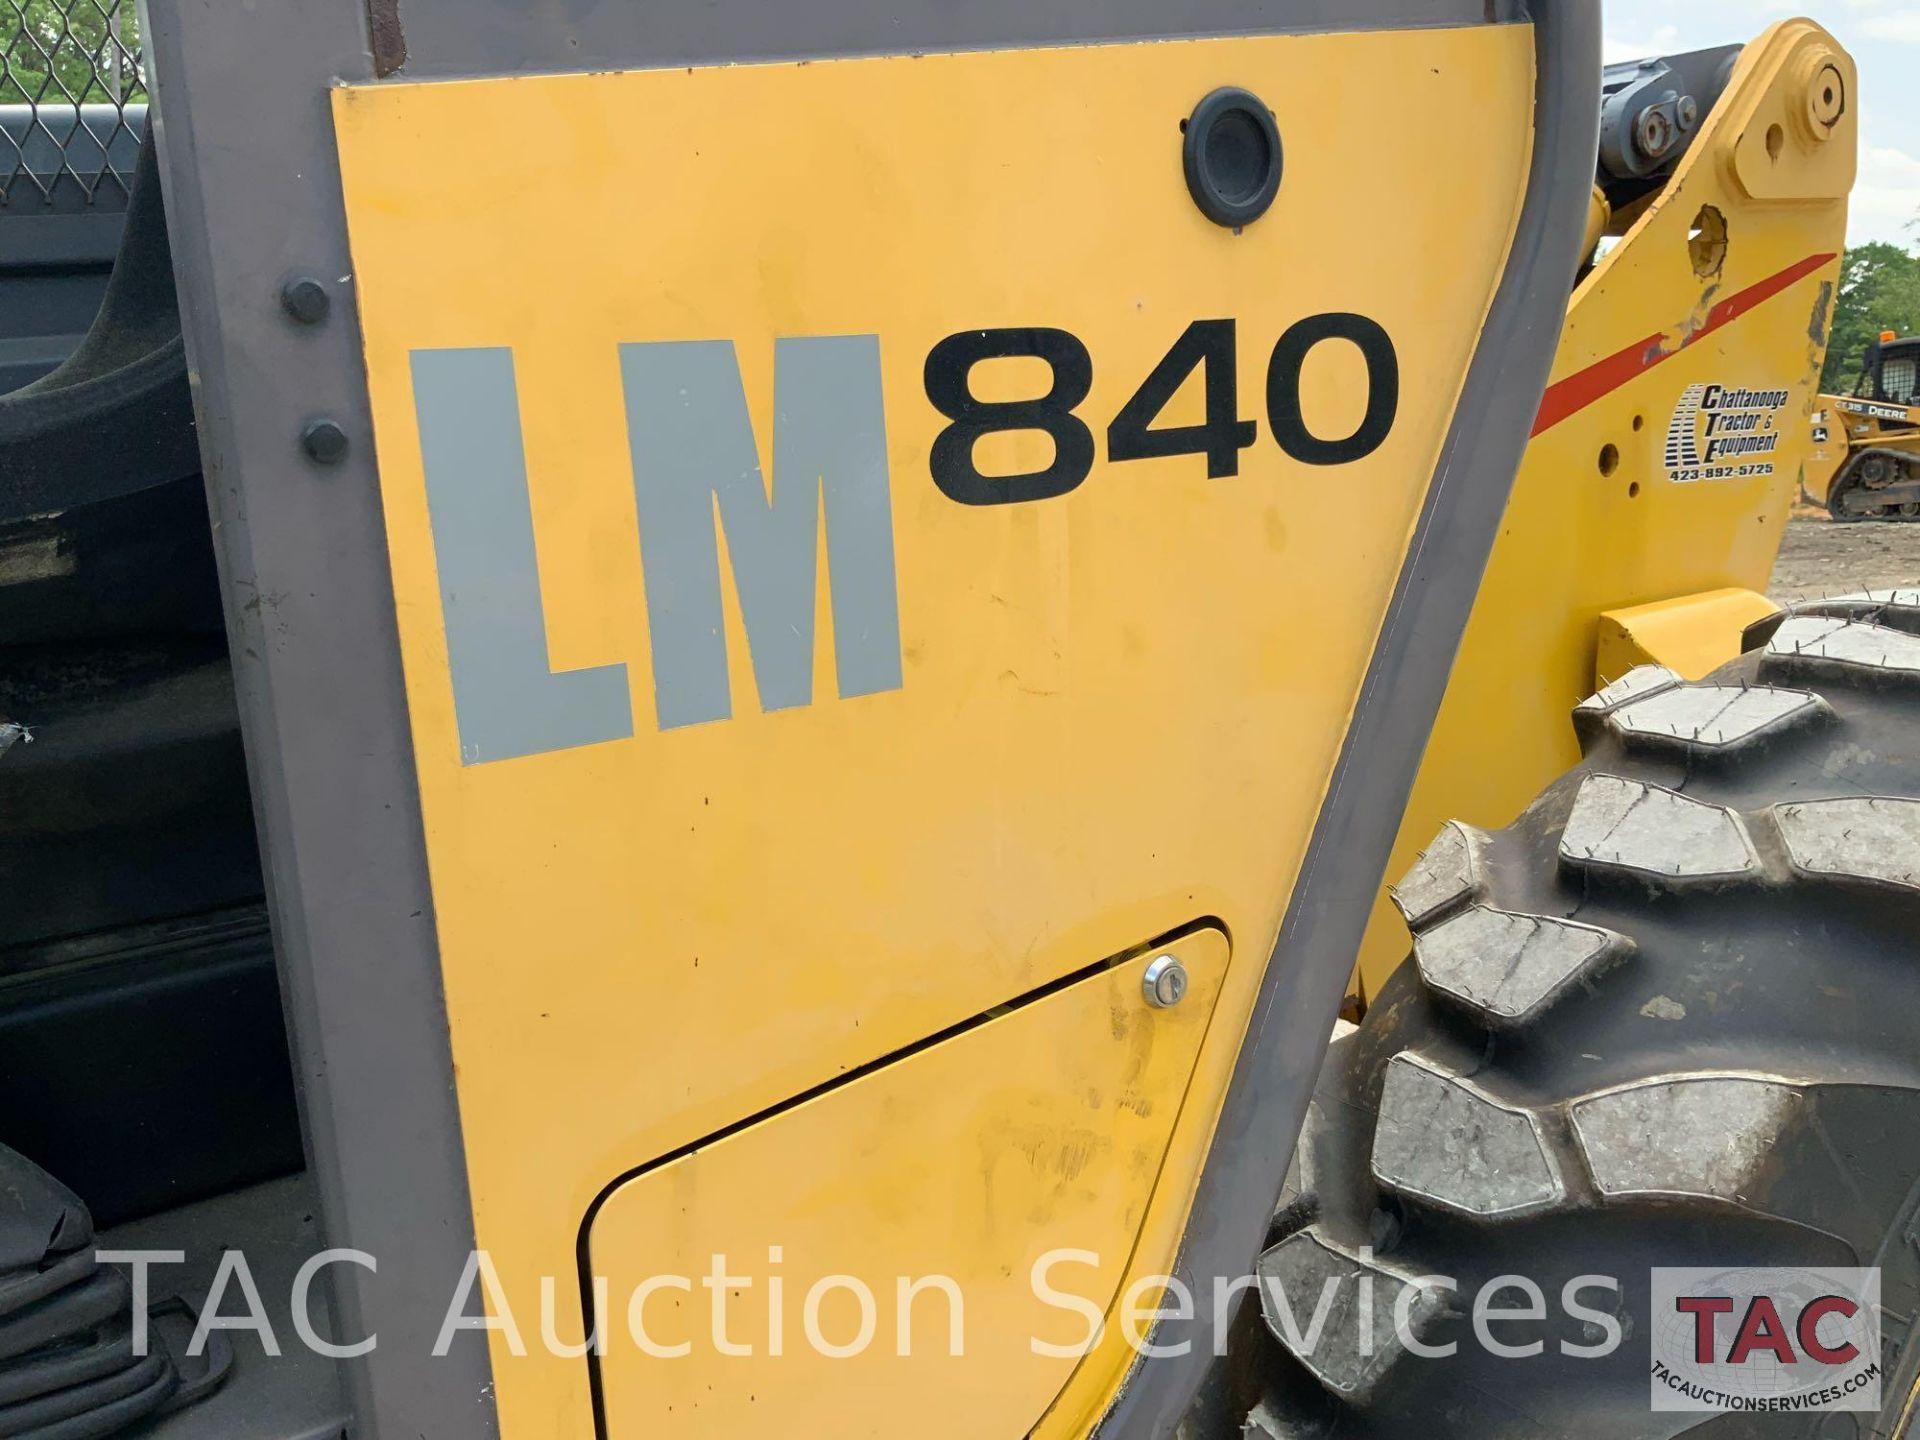 1999 New Holland LM840 Telehandler Forklift - Image 15 of 25